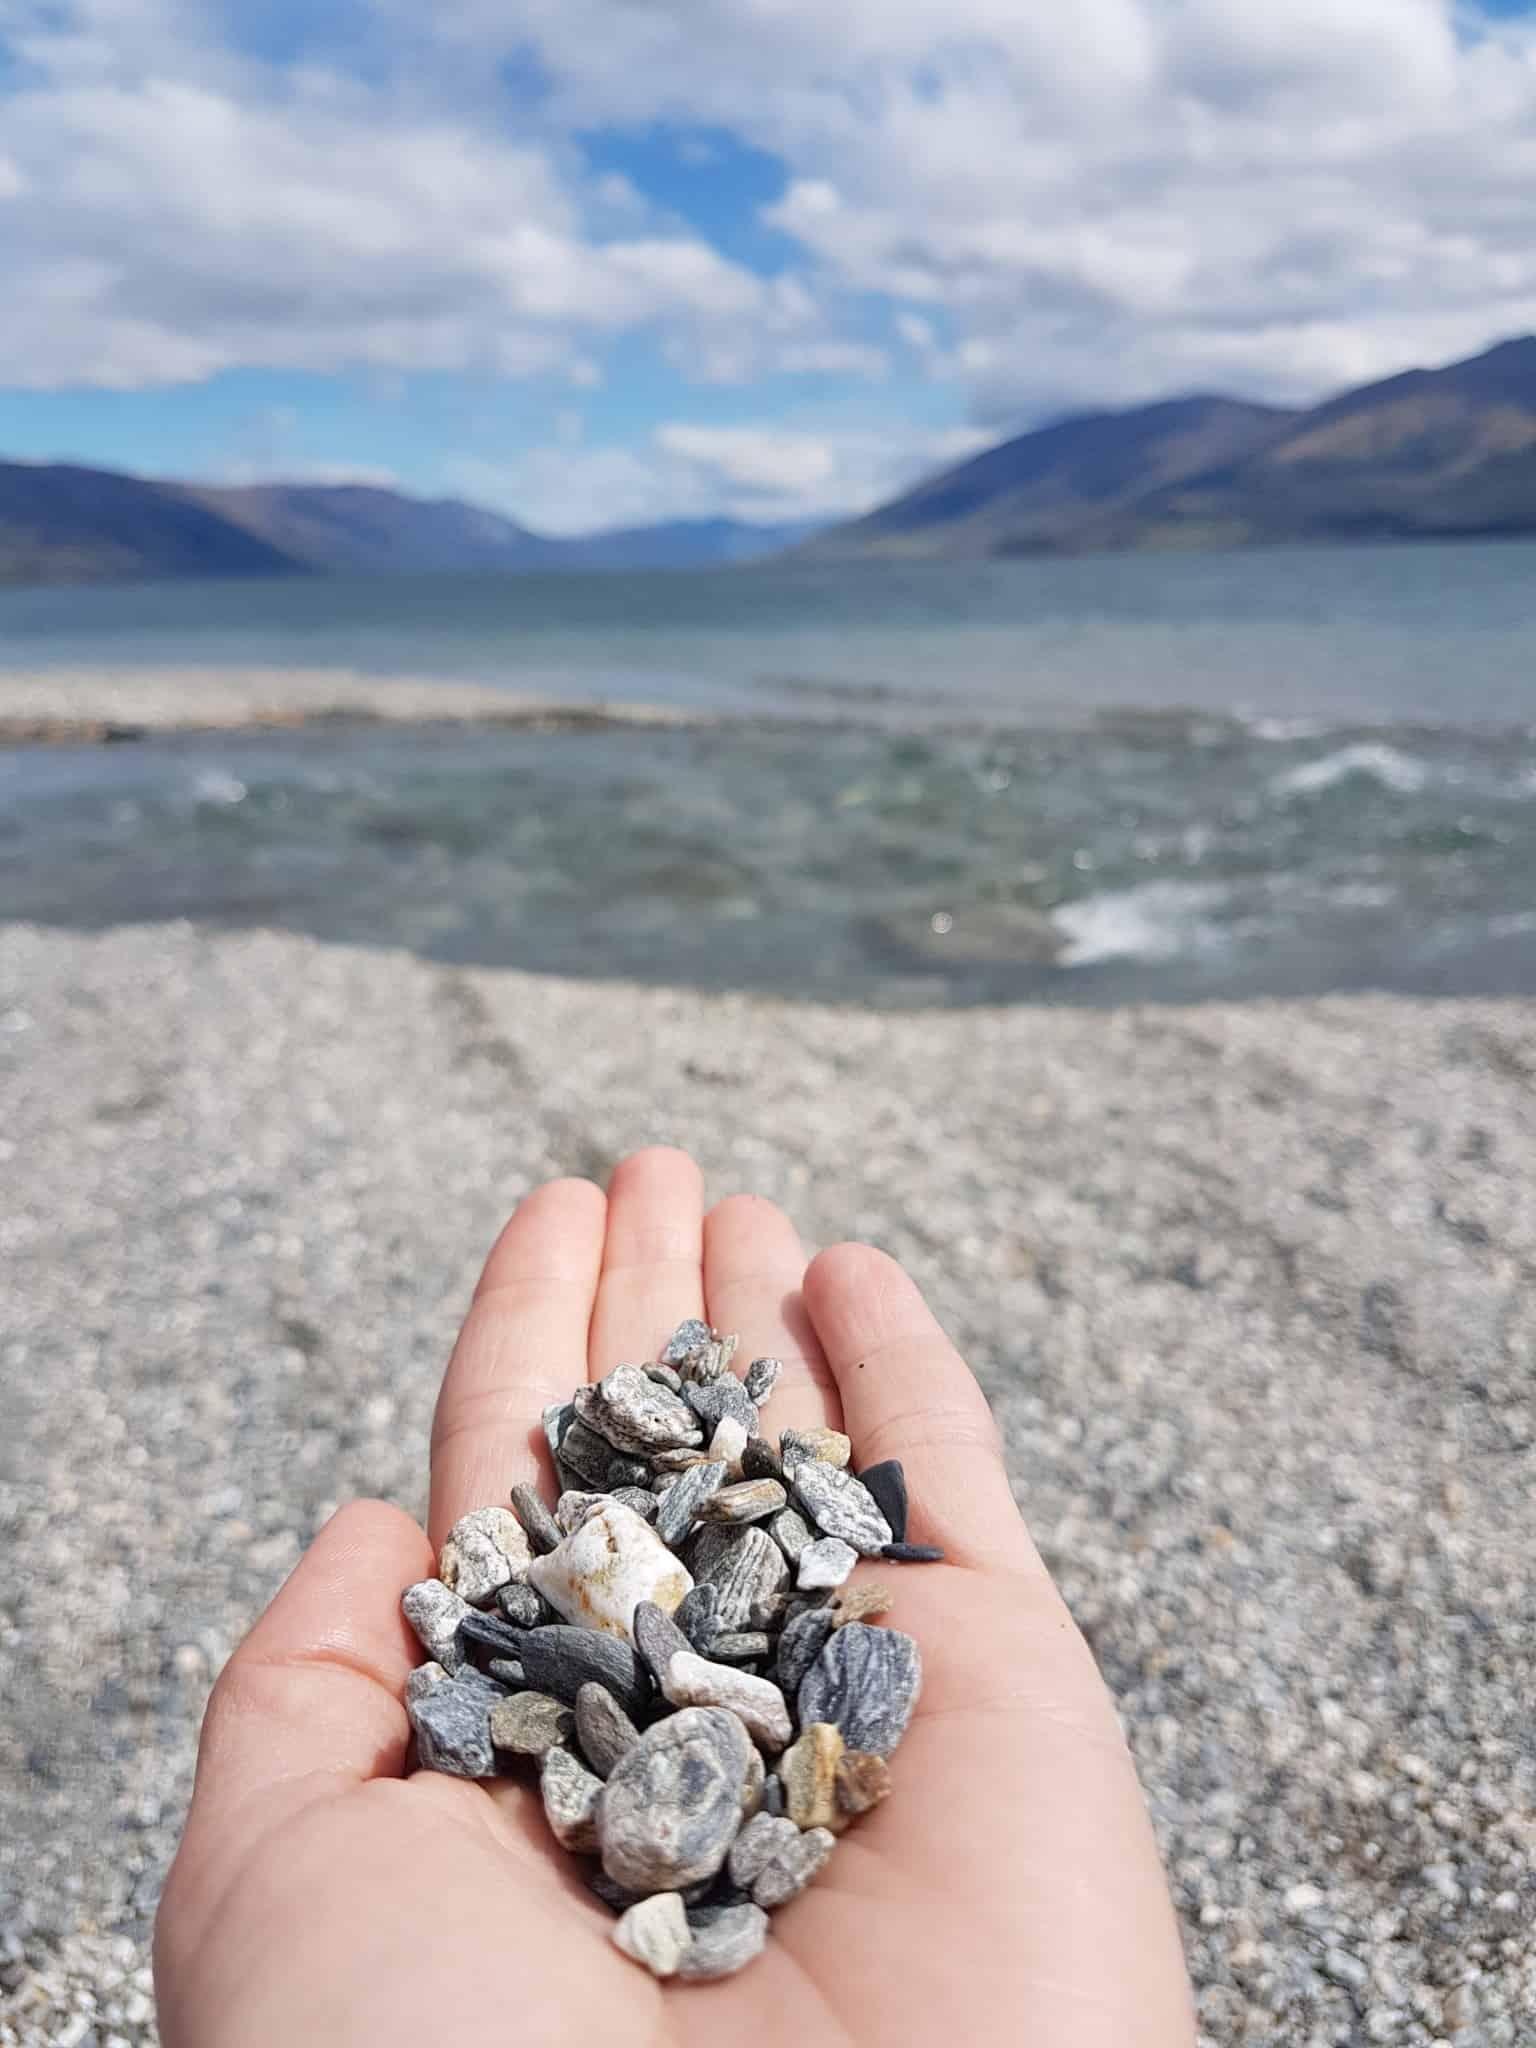 Nouvelle-Zélande, la sublime route de Wanaka entre lacs et montagnes 😍 17